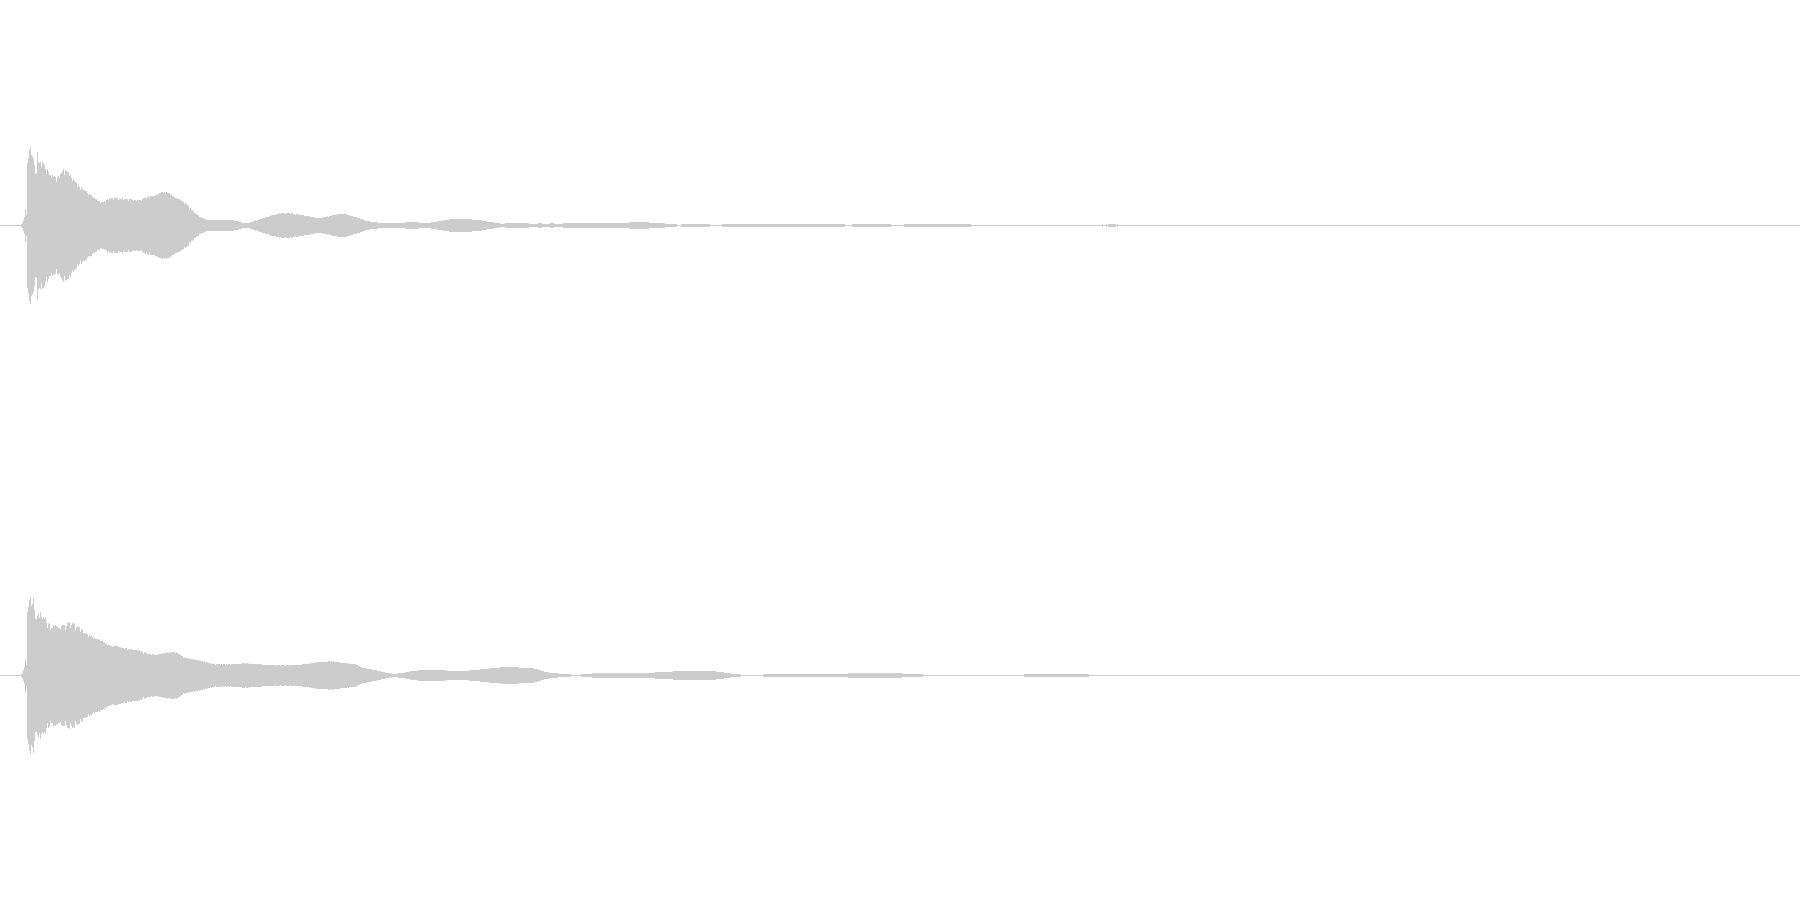 キラキラ系_113の未再生の波形